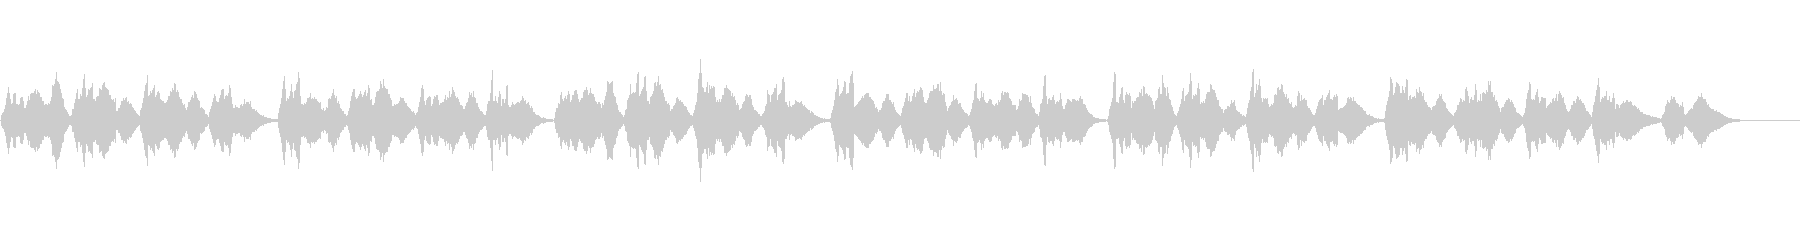 美しい弦楽四重奏の響きによる讃美歌444の未再生の波形